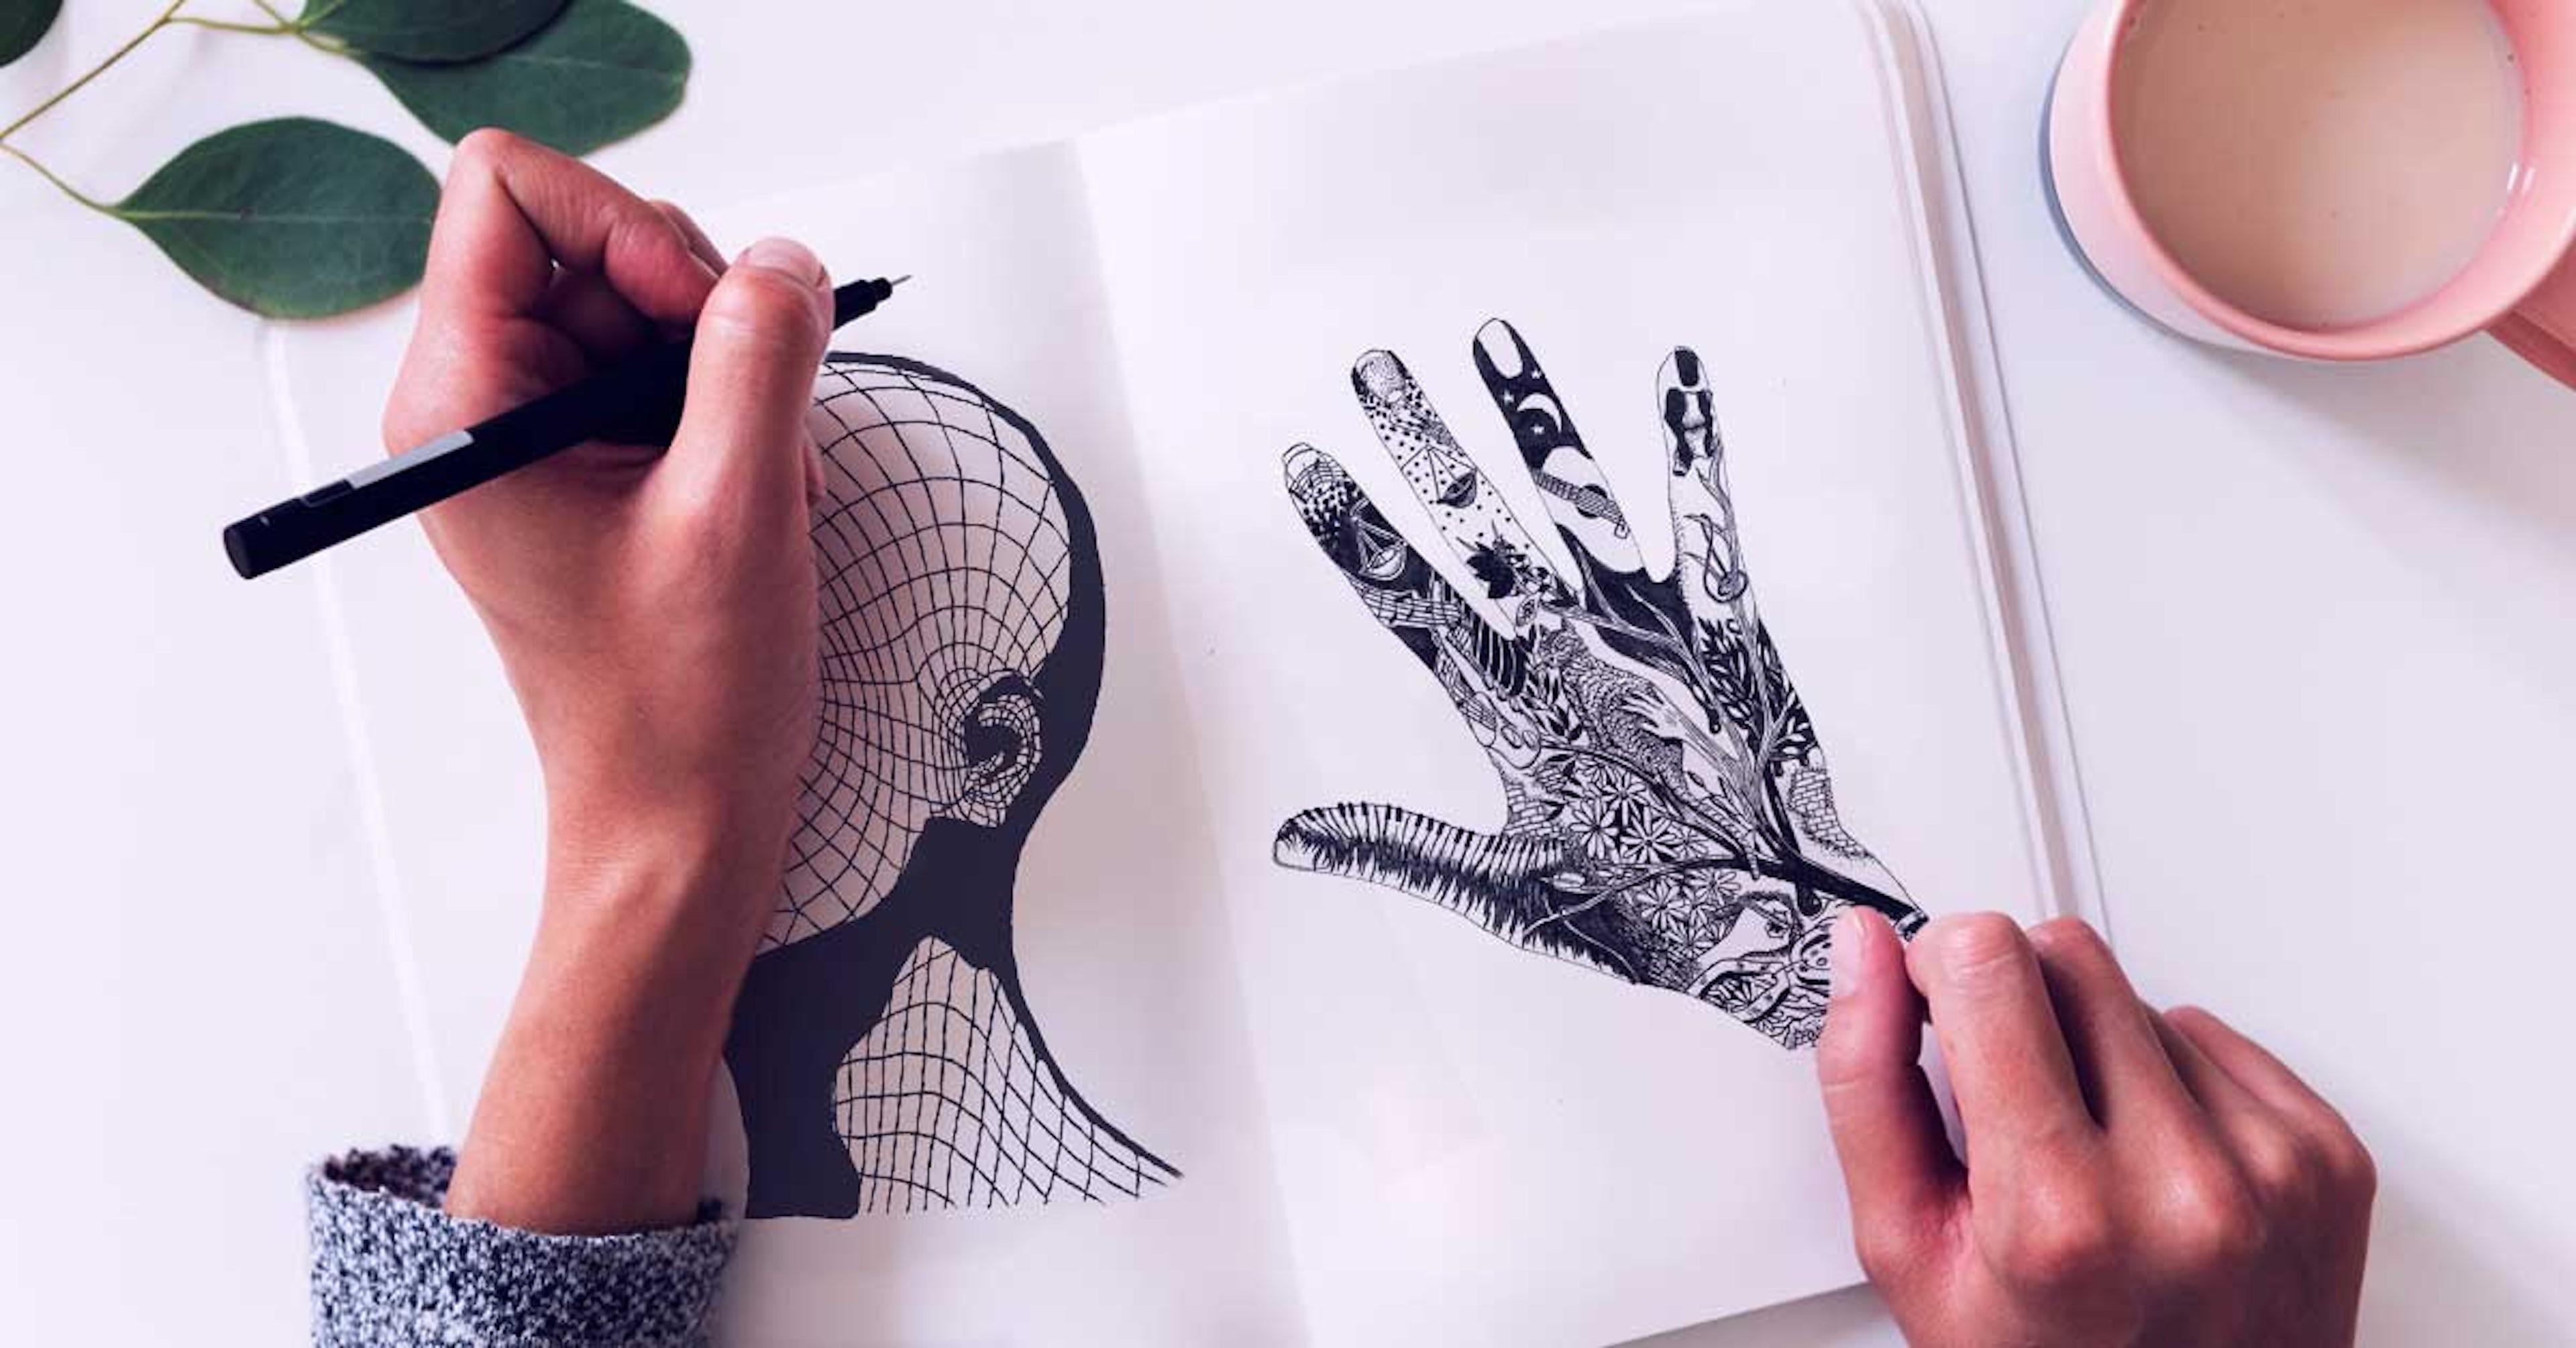 Aprende a dibujar con estos 4 cursos en línea